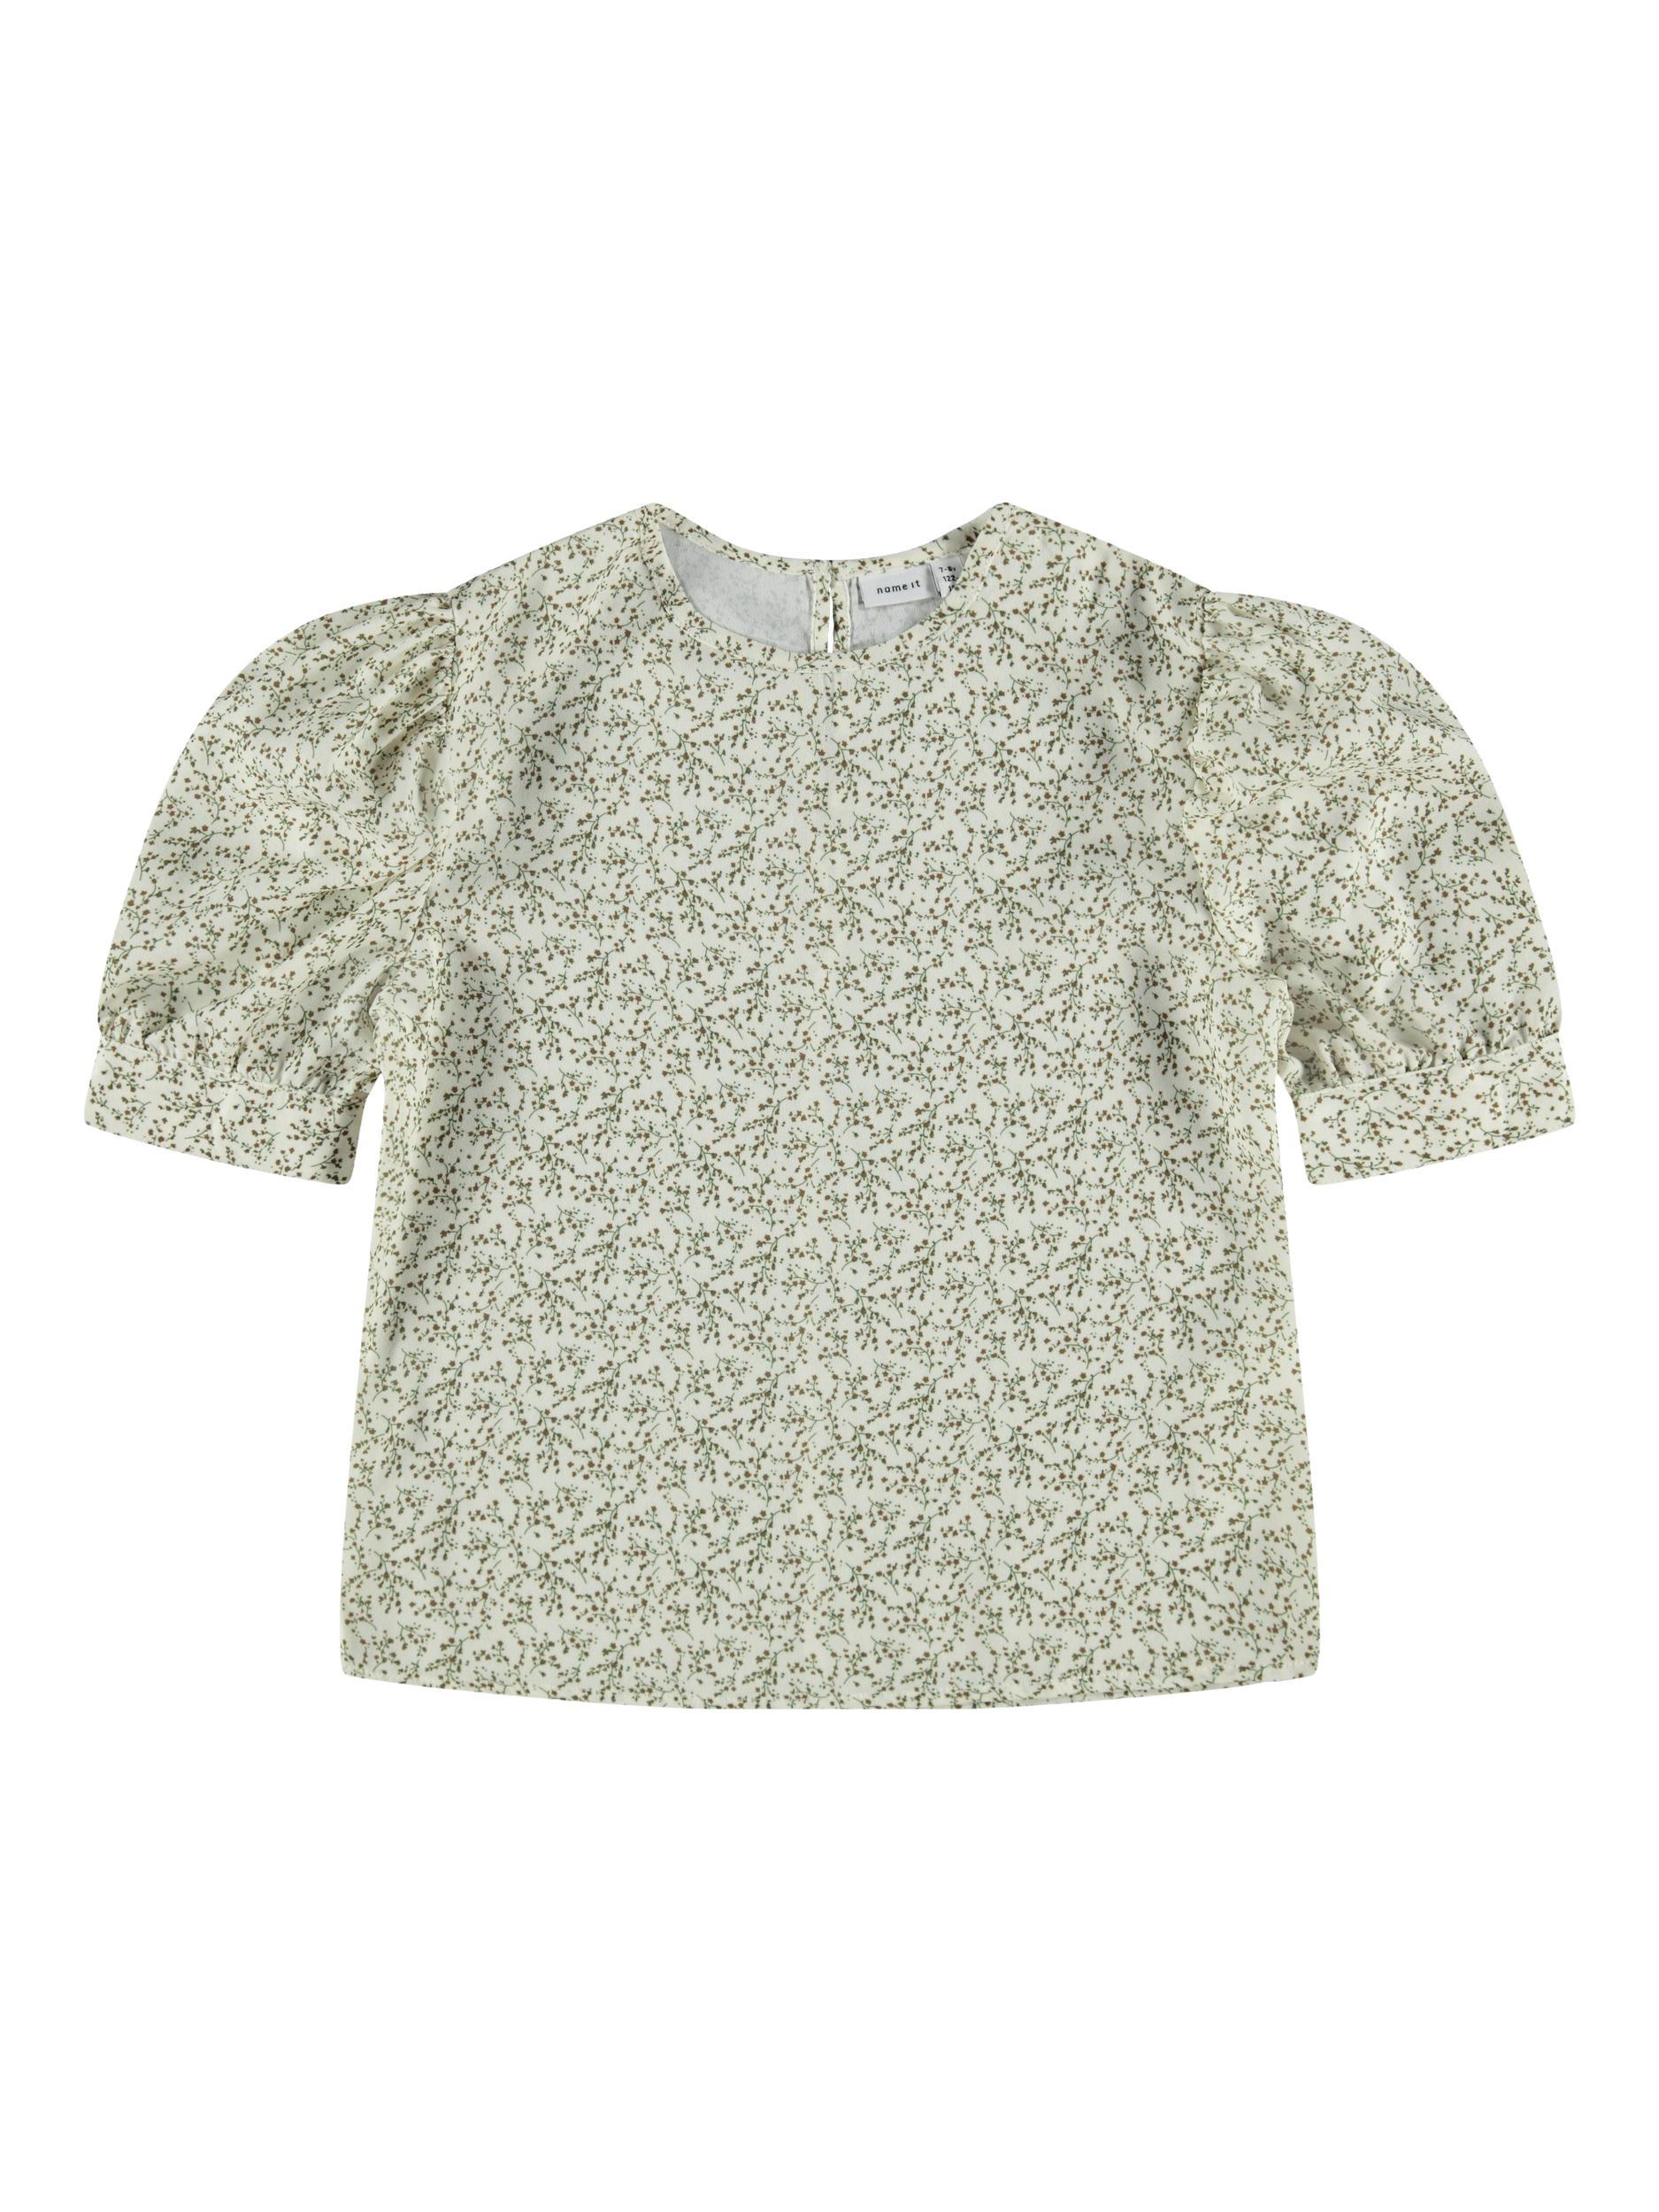 Name It Himilu t-shirt, bright white, 116